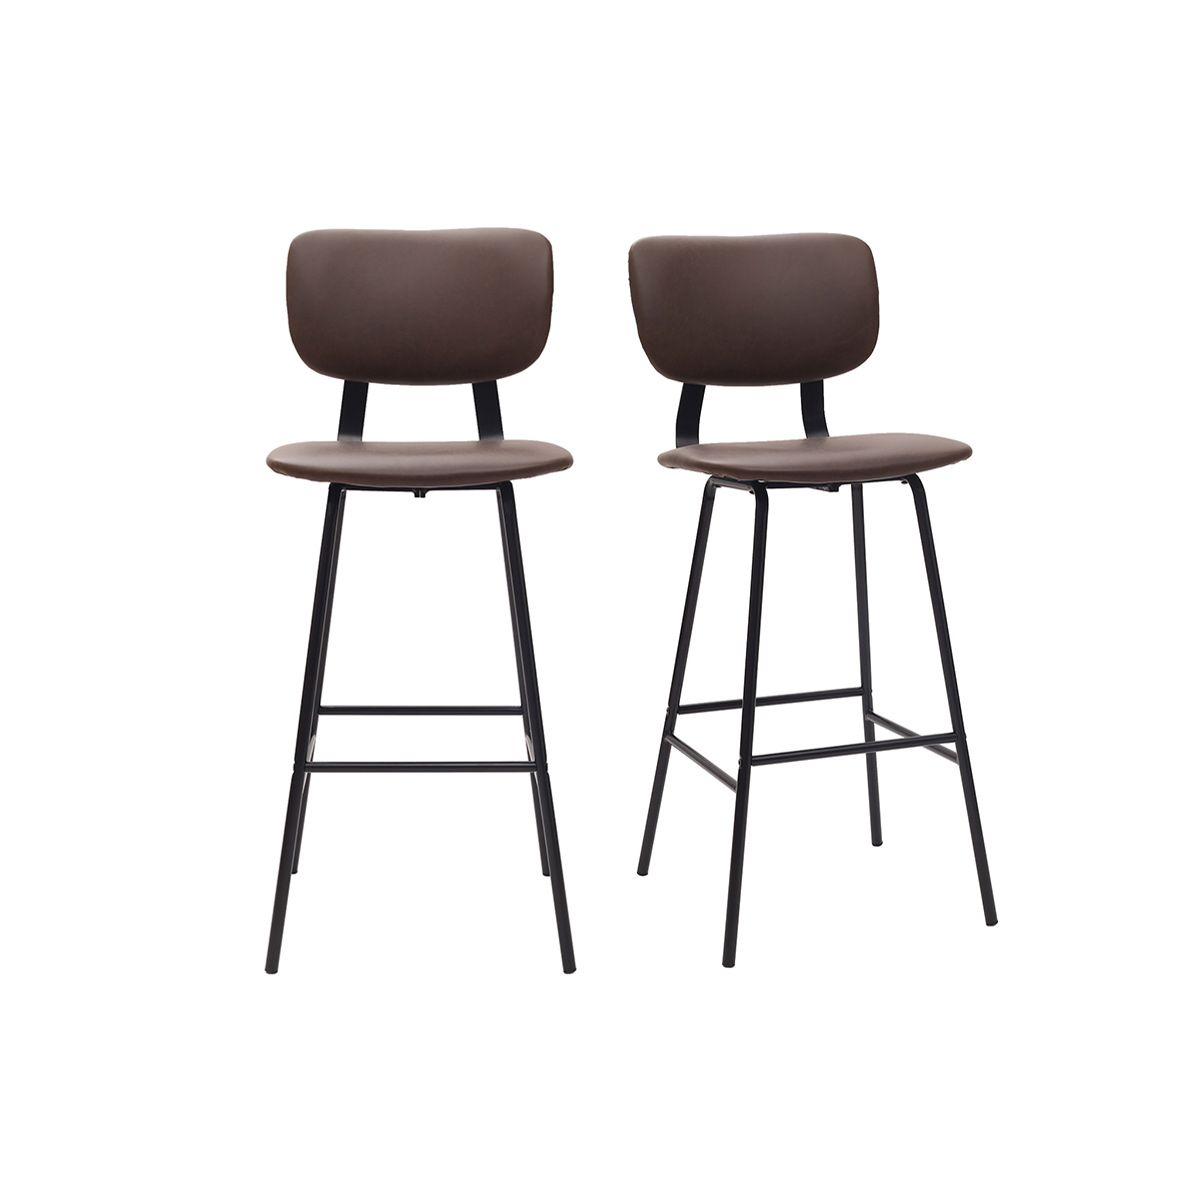 Gruppo di due sgabelli da bar marrone con piedi in metallo 75 cm LAB Sgabelli da bar